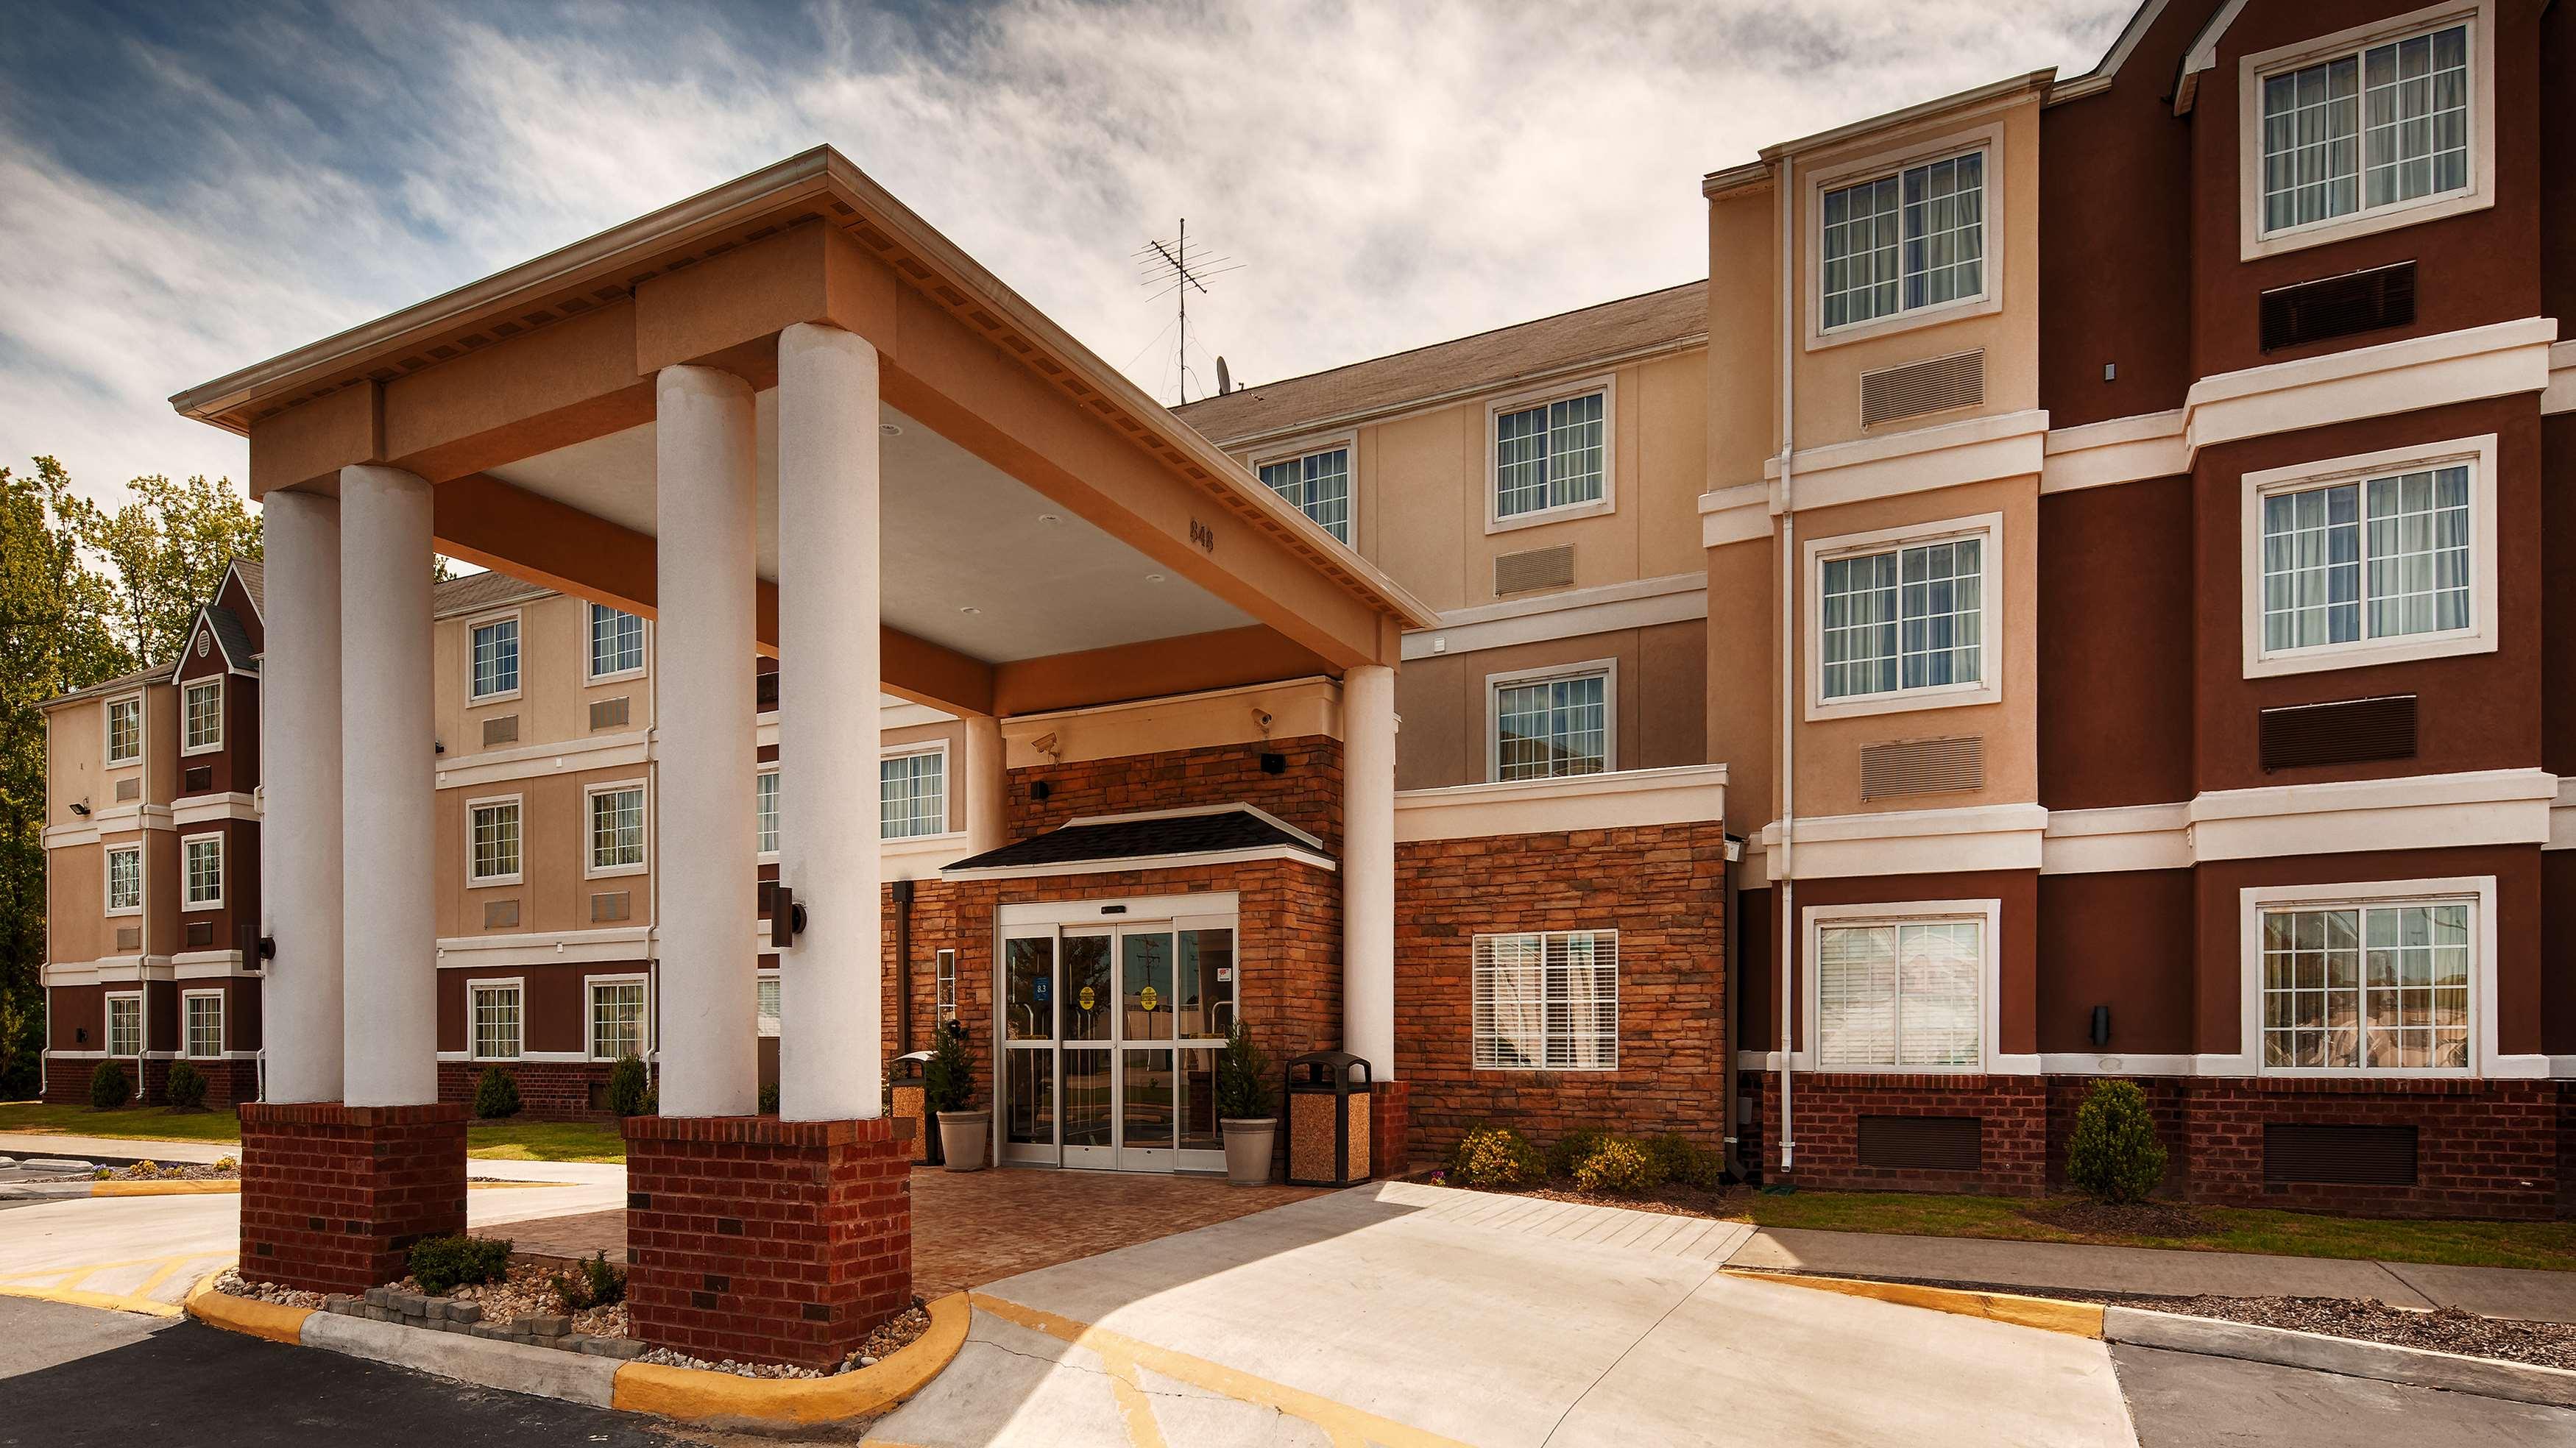 Best Western Plus Elizabeth City Inn & Suites image 0